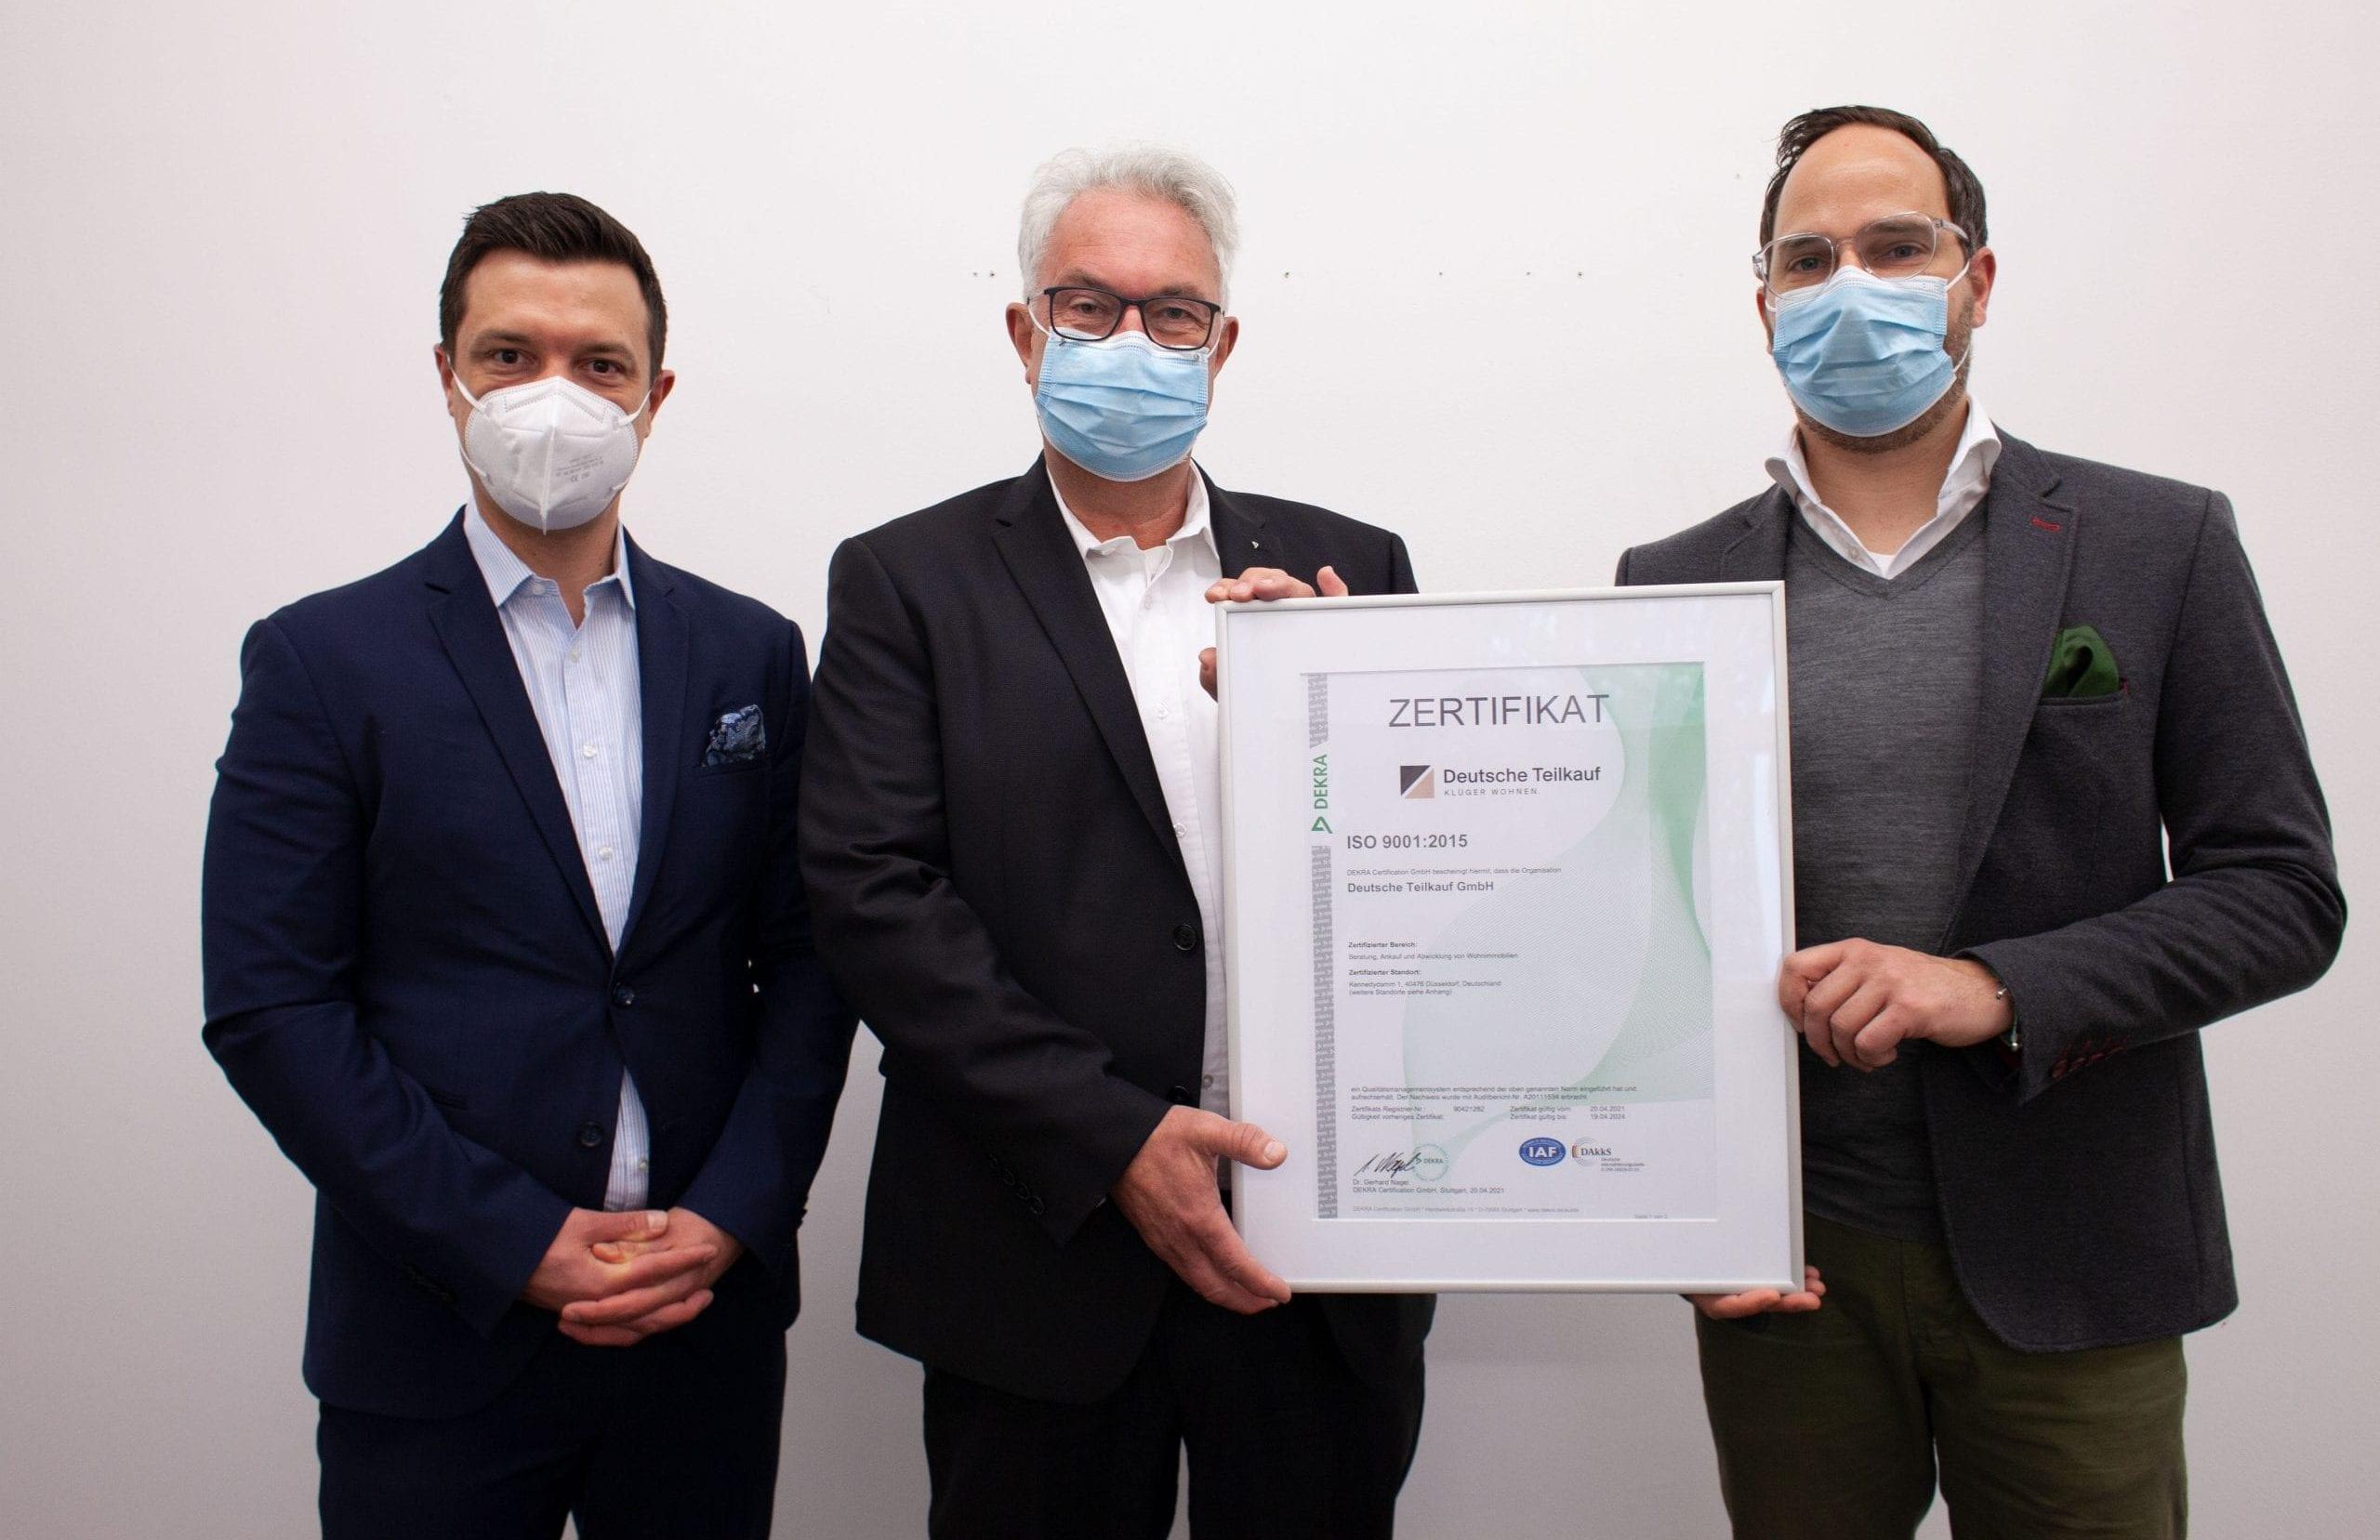 DEKRA-Gütesiegel für die Deutsche Teilkauf: Marian Kirchhoff, Manfred Scholz, André Dölker.